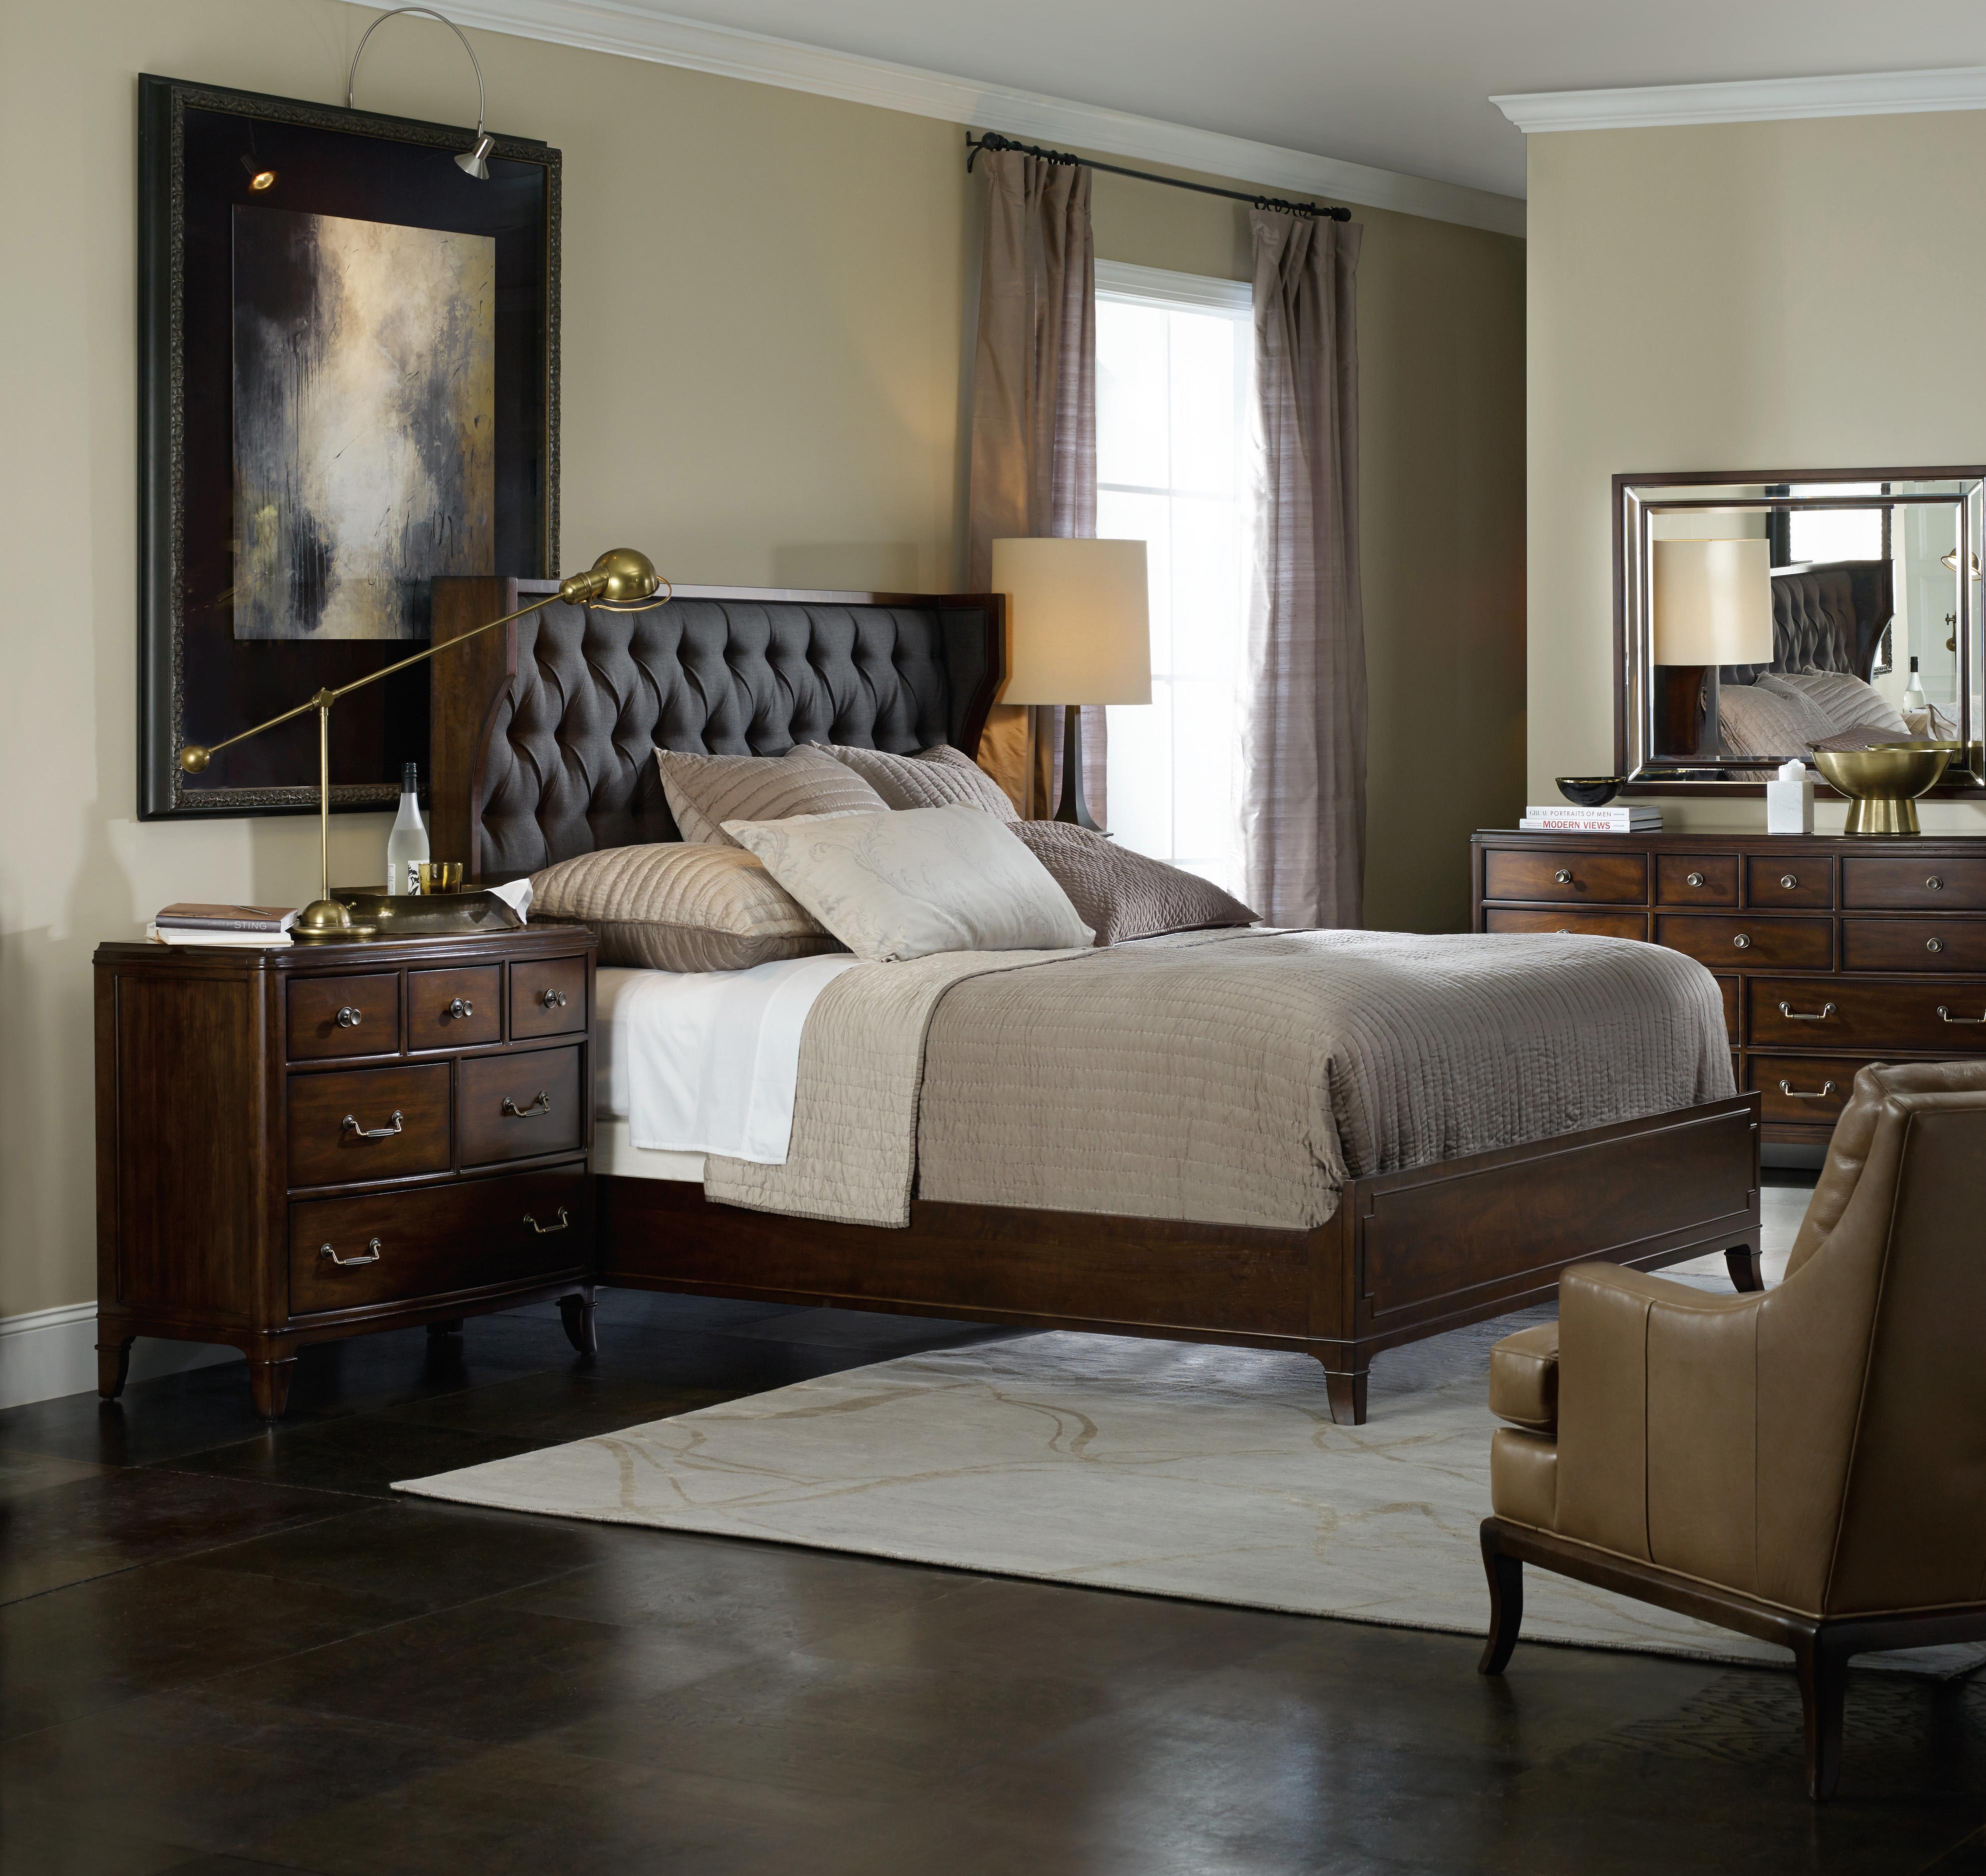 Hooker Furniture Palisade King Upholstered Shelter Bed